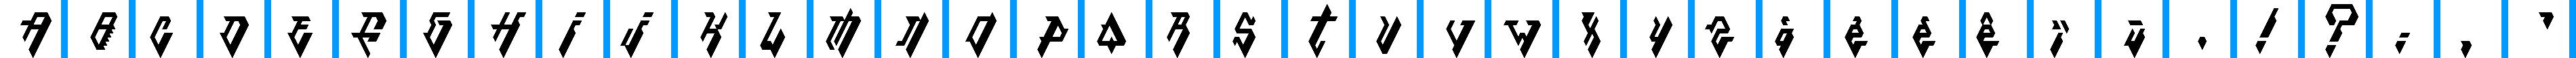 Particip-a-type v.23